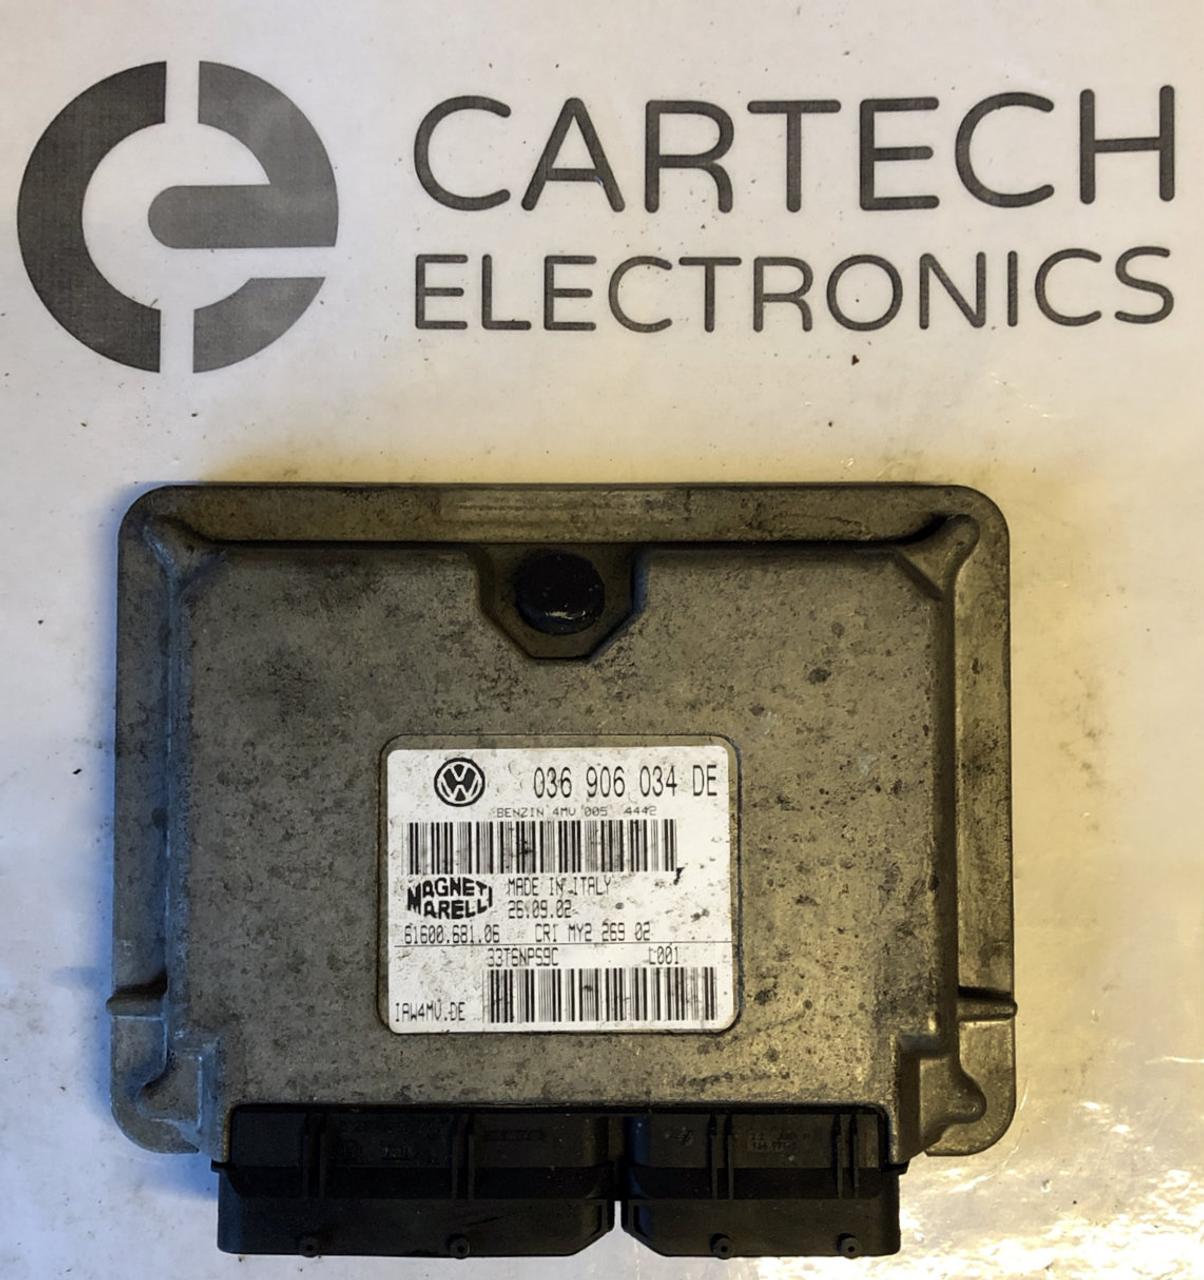 Plug & Play Engine ECU, VW Polo 1 4L, 036 906 034 DE, 036906034DE,  61600 612 03, IAW4MV DE